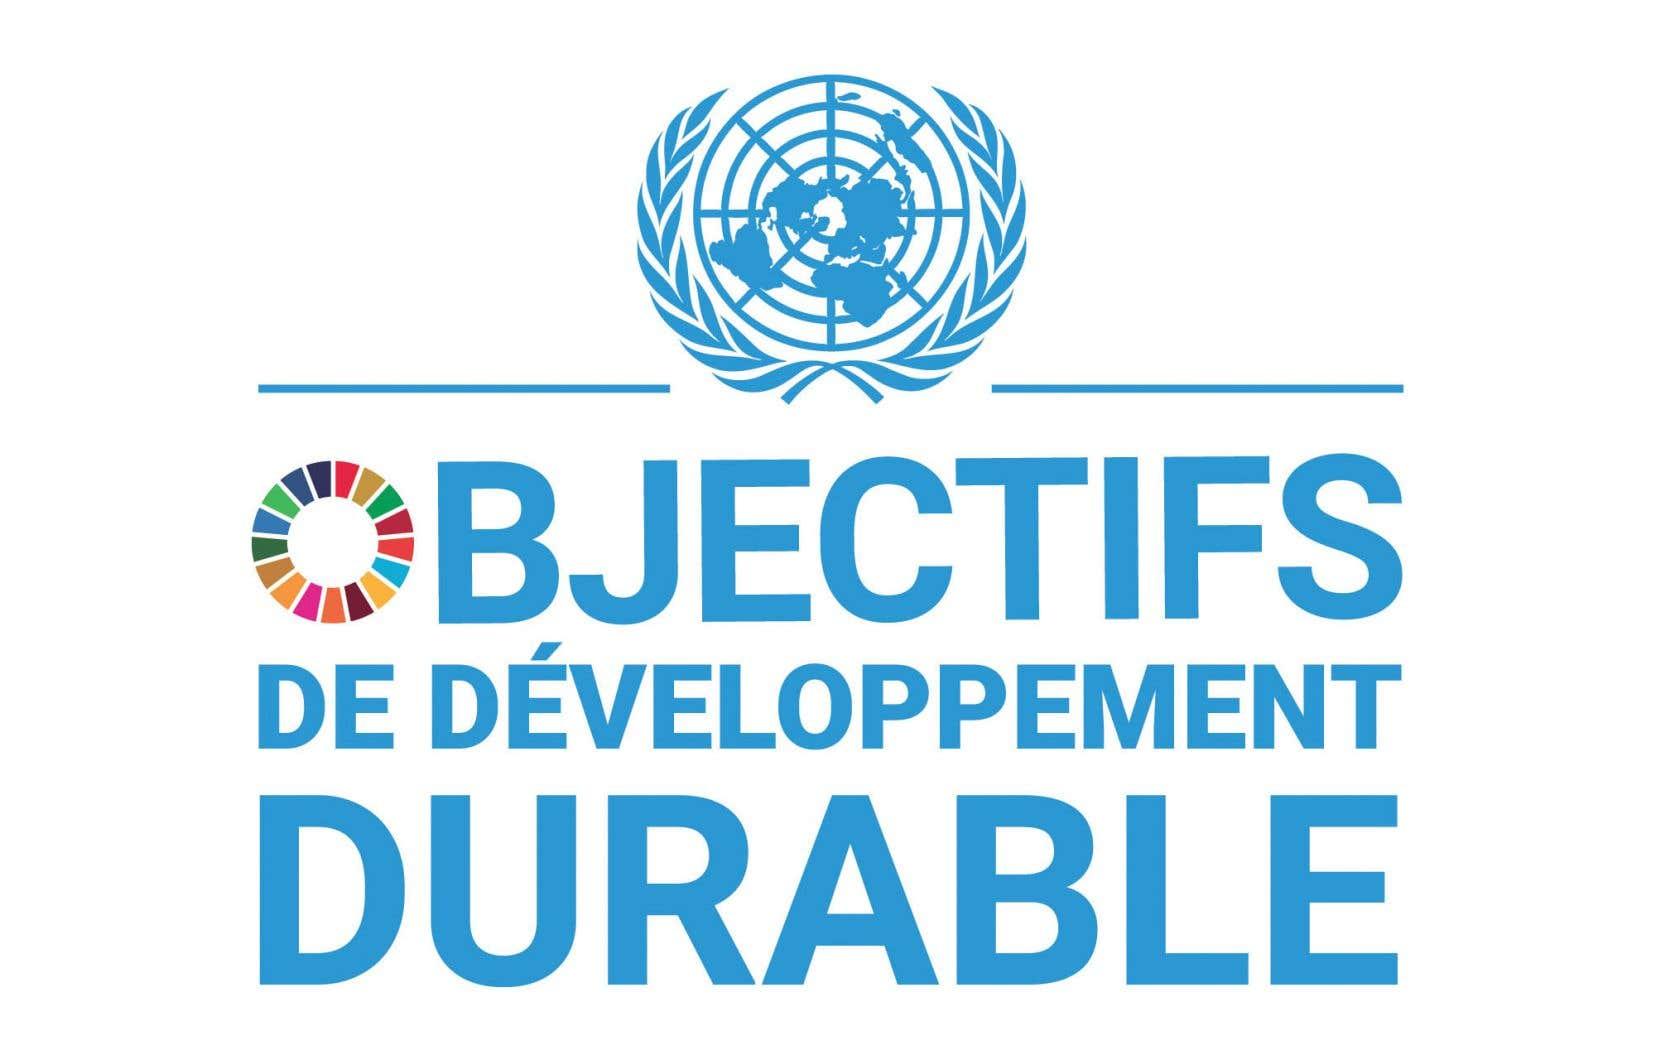 Ces 17 objectifs se veulent une marche à suivre pour assurer un avenir meilleur et durable pour tous.